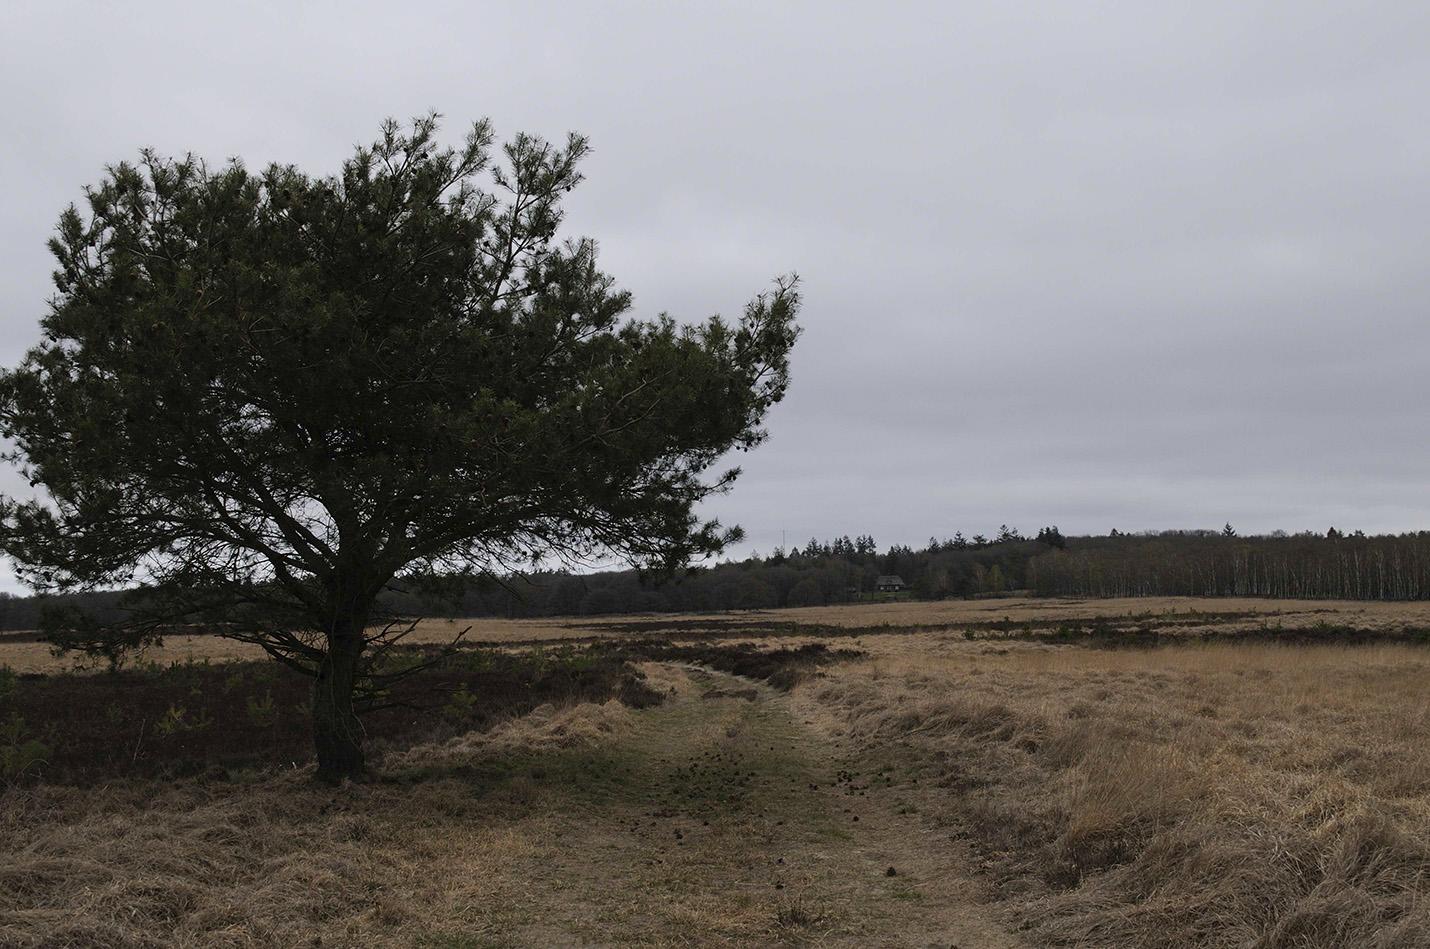 """De houtafvoerweg? in westelijke richting gezien; links was het Gietense Bos, rechts Cladder's Bos. In de verte is """"De Roek"""" zichtbaar – Foto: Yvonne Arentzen"""